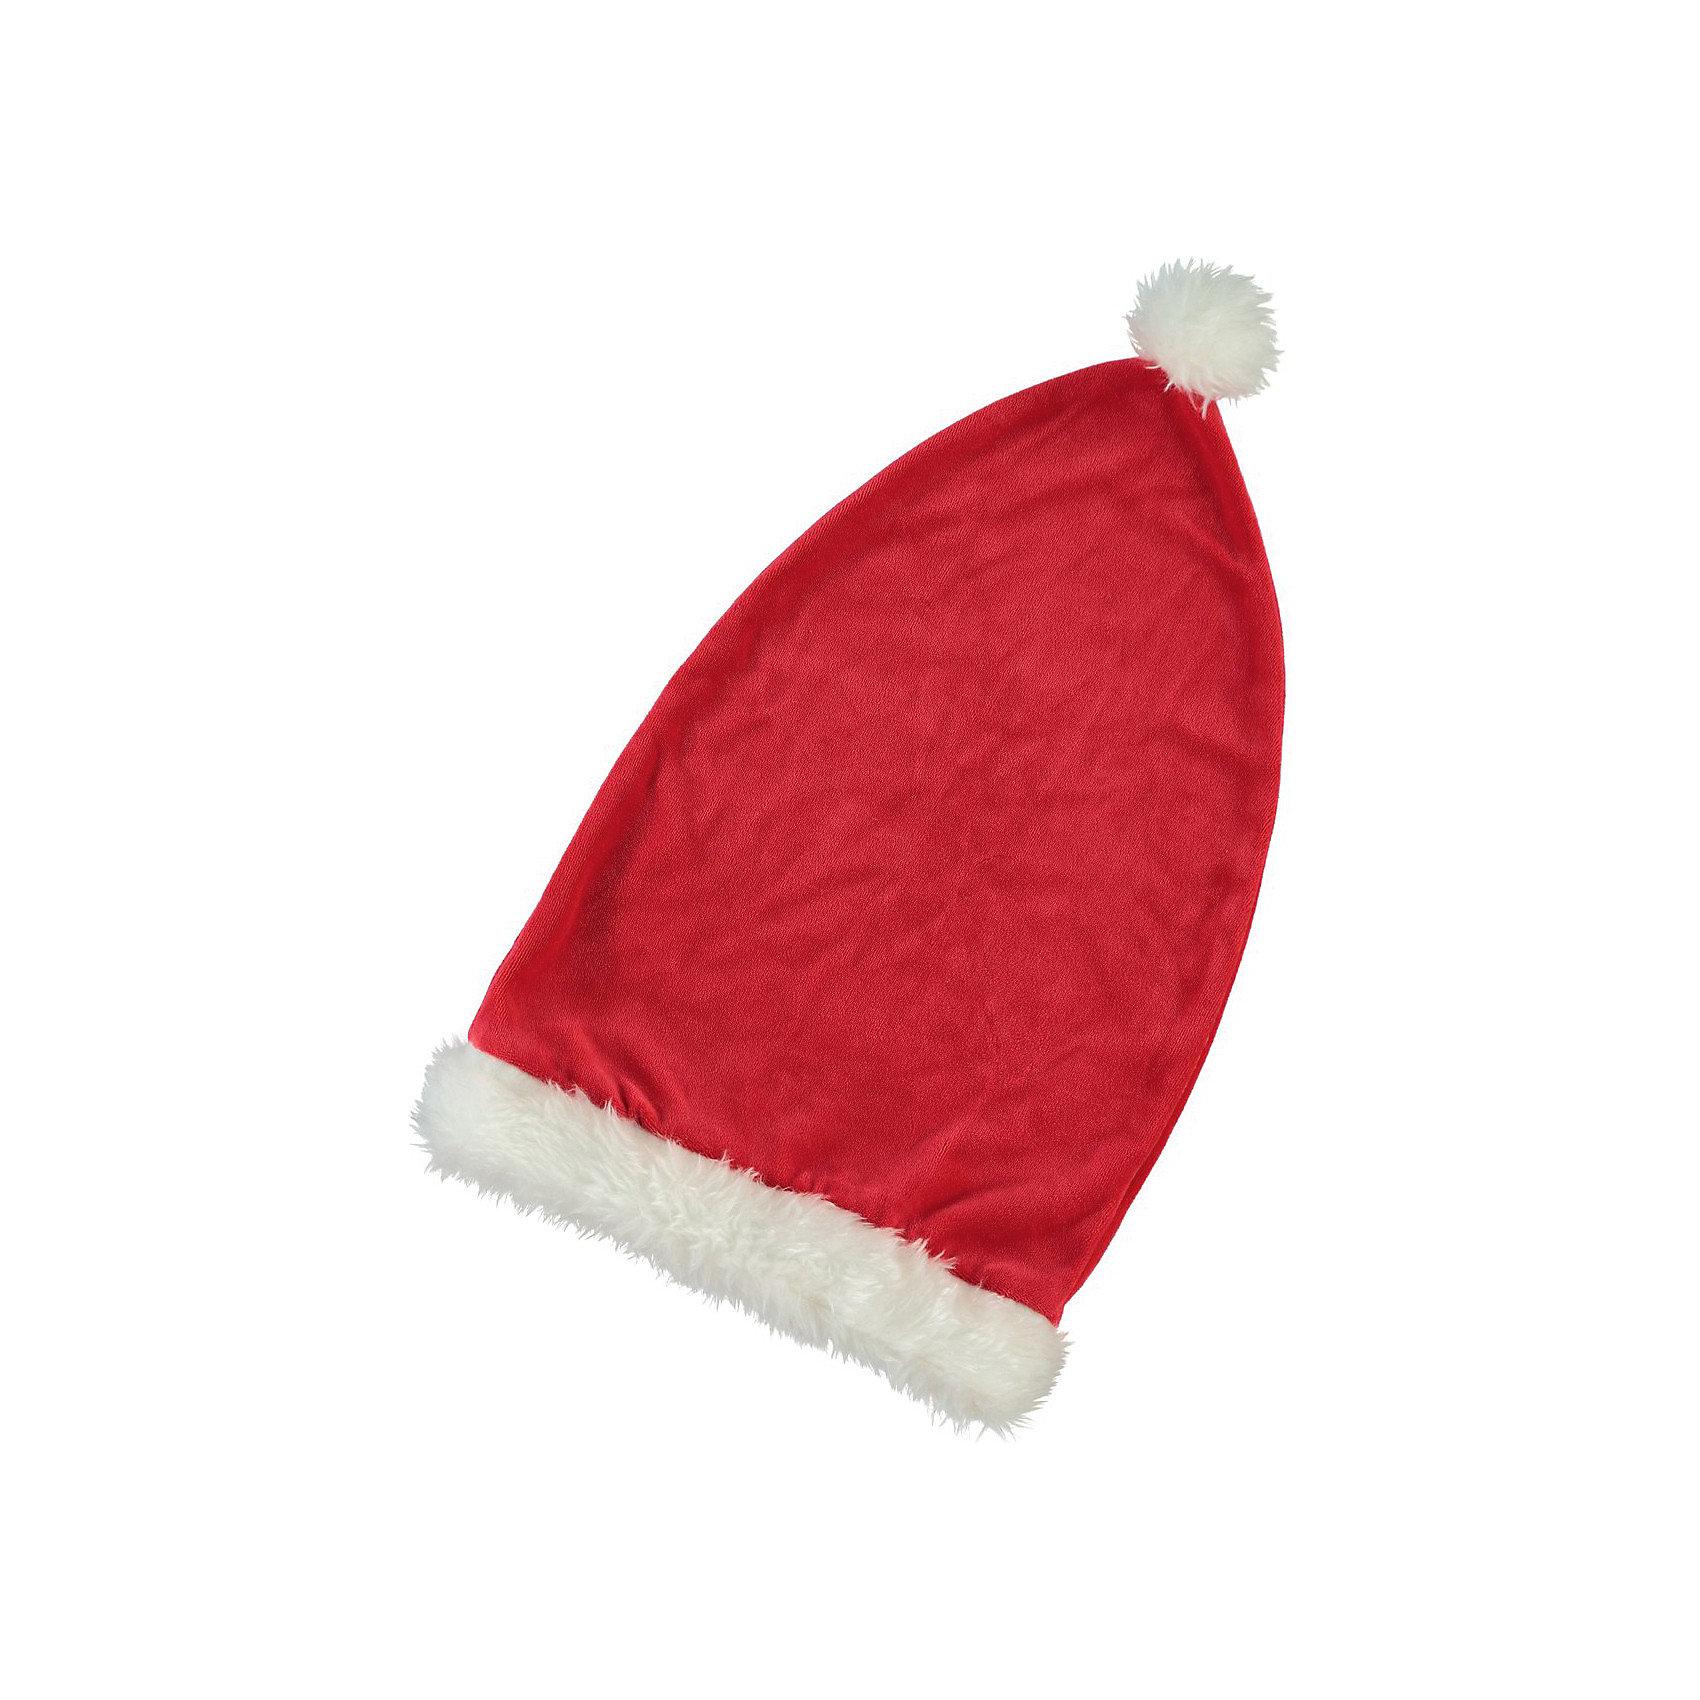 Шапка Санта Клауса name itАксессуары<br>Шапка Санта Клауса<br><br>Красная шапка для новогодних дней имеет привычную форму. Яркая, мягкая, она создает ощущение праздника.<br><br>Особенности модели:<br><br>- цвет - красный;<br>- белая опушка и бомбошка;<br>- материал - мягкий футер.<br><br>Дополнительная информация:<br><br>Состав: 100% полиэстер<br><br>Шапку Санта Клауса можно купить в нашем магазине.<br><br>Ширина мм: 89<br>Глубина мм: 117<br>Высота мм: 44<br>Вес г: 155<br>Цвет: красный<br>Возраст от месяцев: 60<br>Возраст до месяцев: 84<br>Пол: Женский<br>Возраст: Детский<br>Размер: 53,55<br>SKU: 3916509